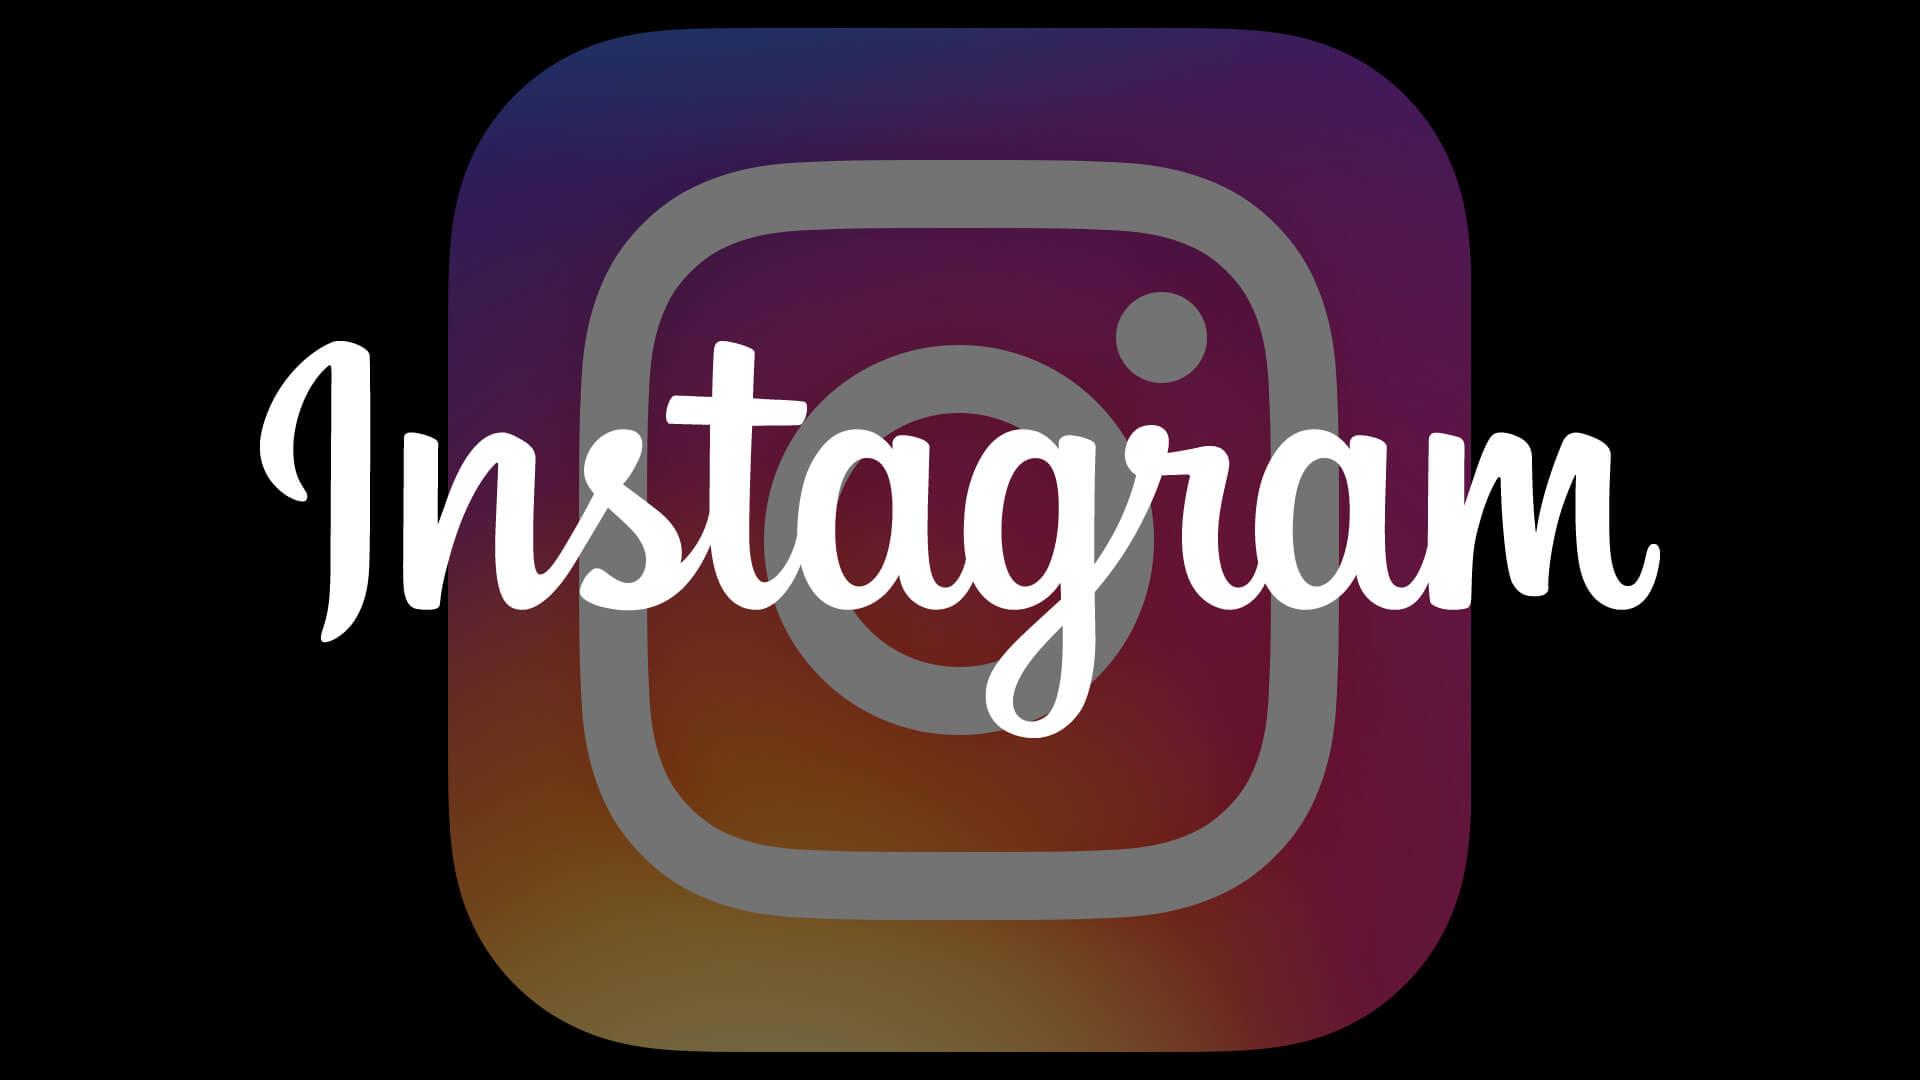 Instagram: відео з IGTV може з'явитись в стрічці новин